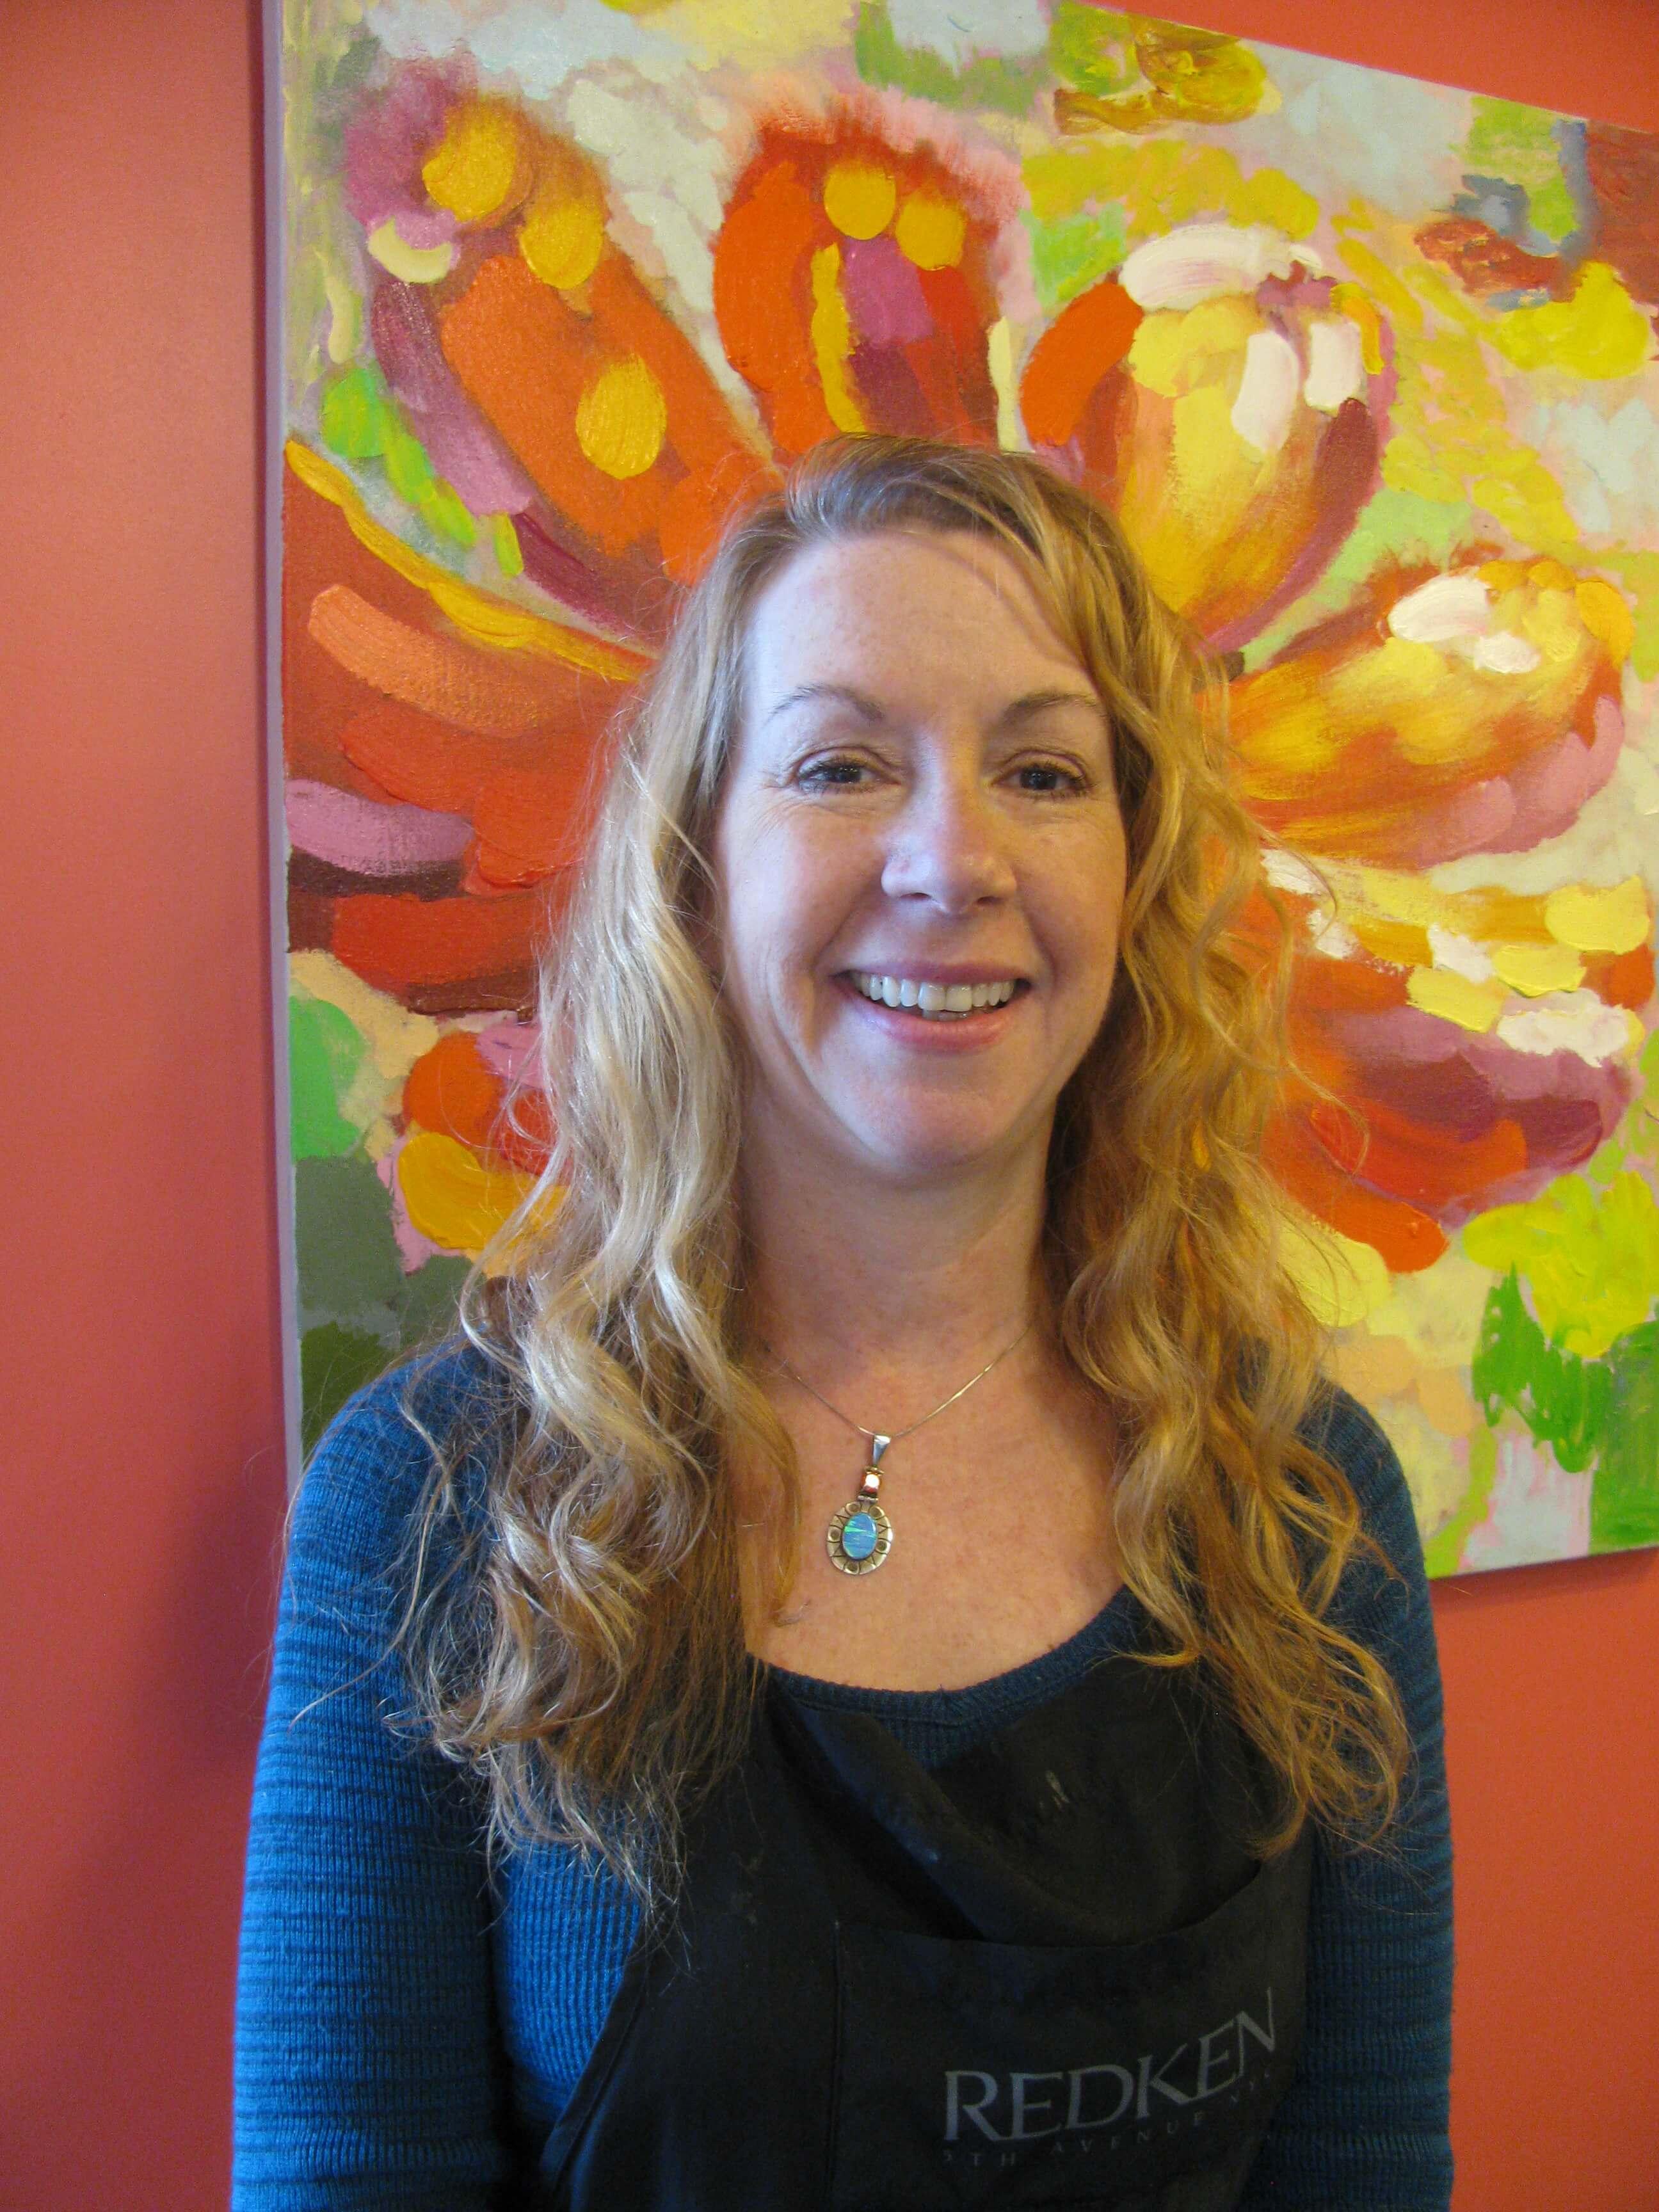 Hair stylist Penny Beil